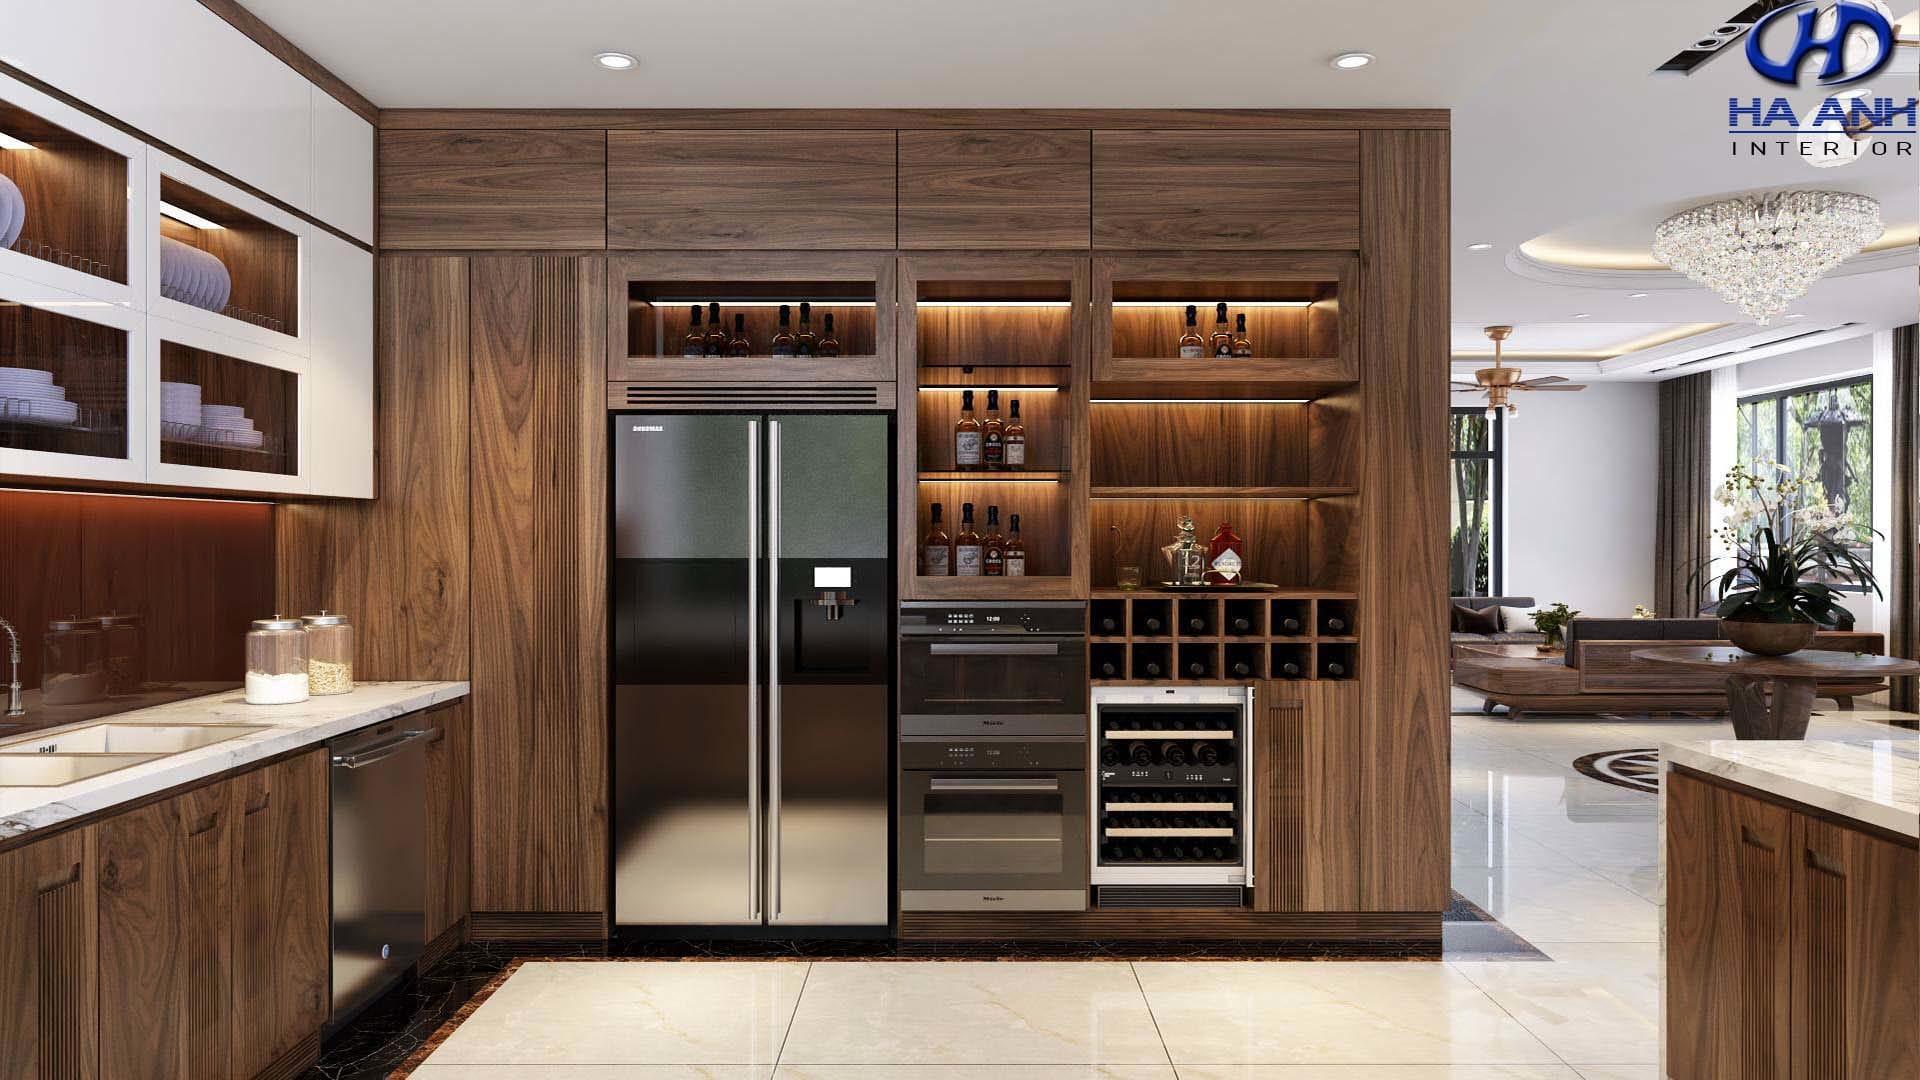 Phòng bếp gỗ óc chó nhà anh hùng vinhomes